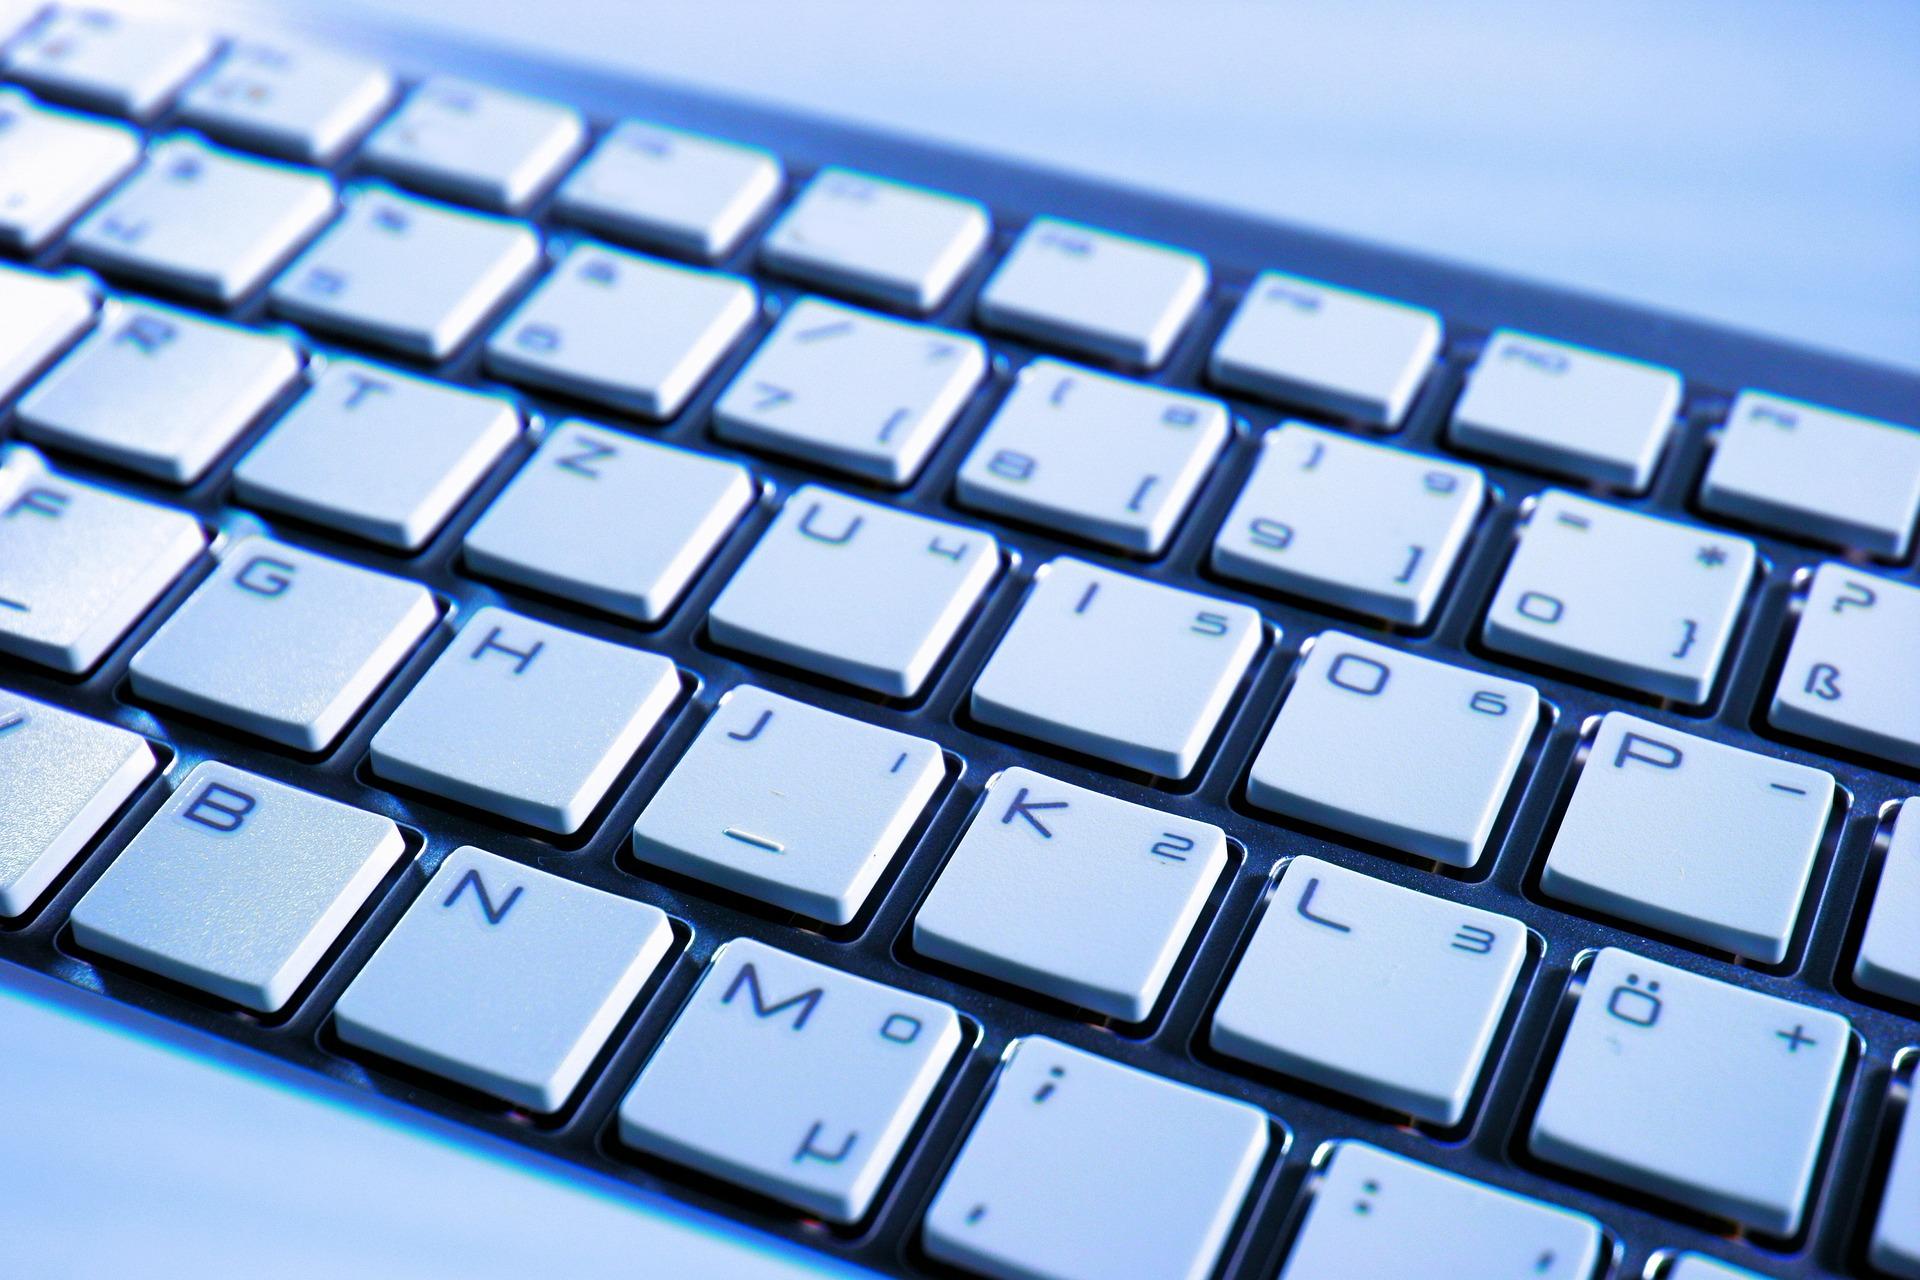 Cyberstalking: Mann schickte monatelange ungebetene Gäste zu Familie